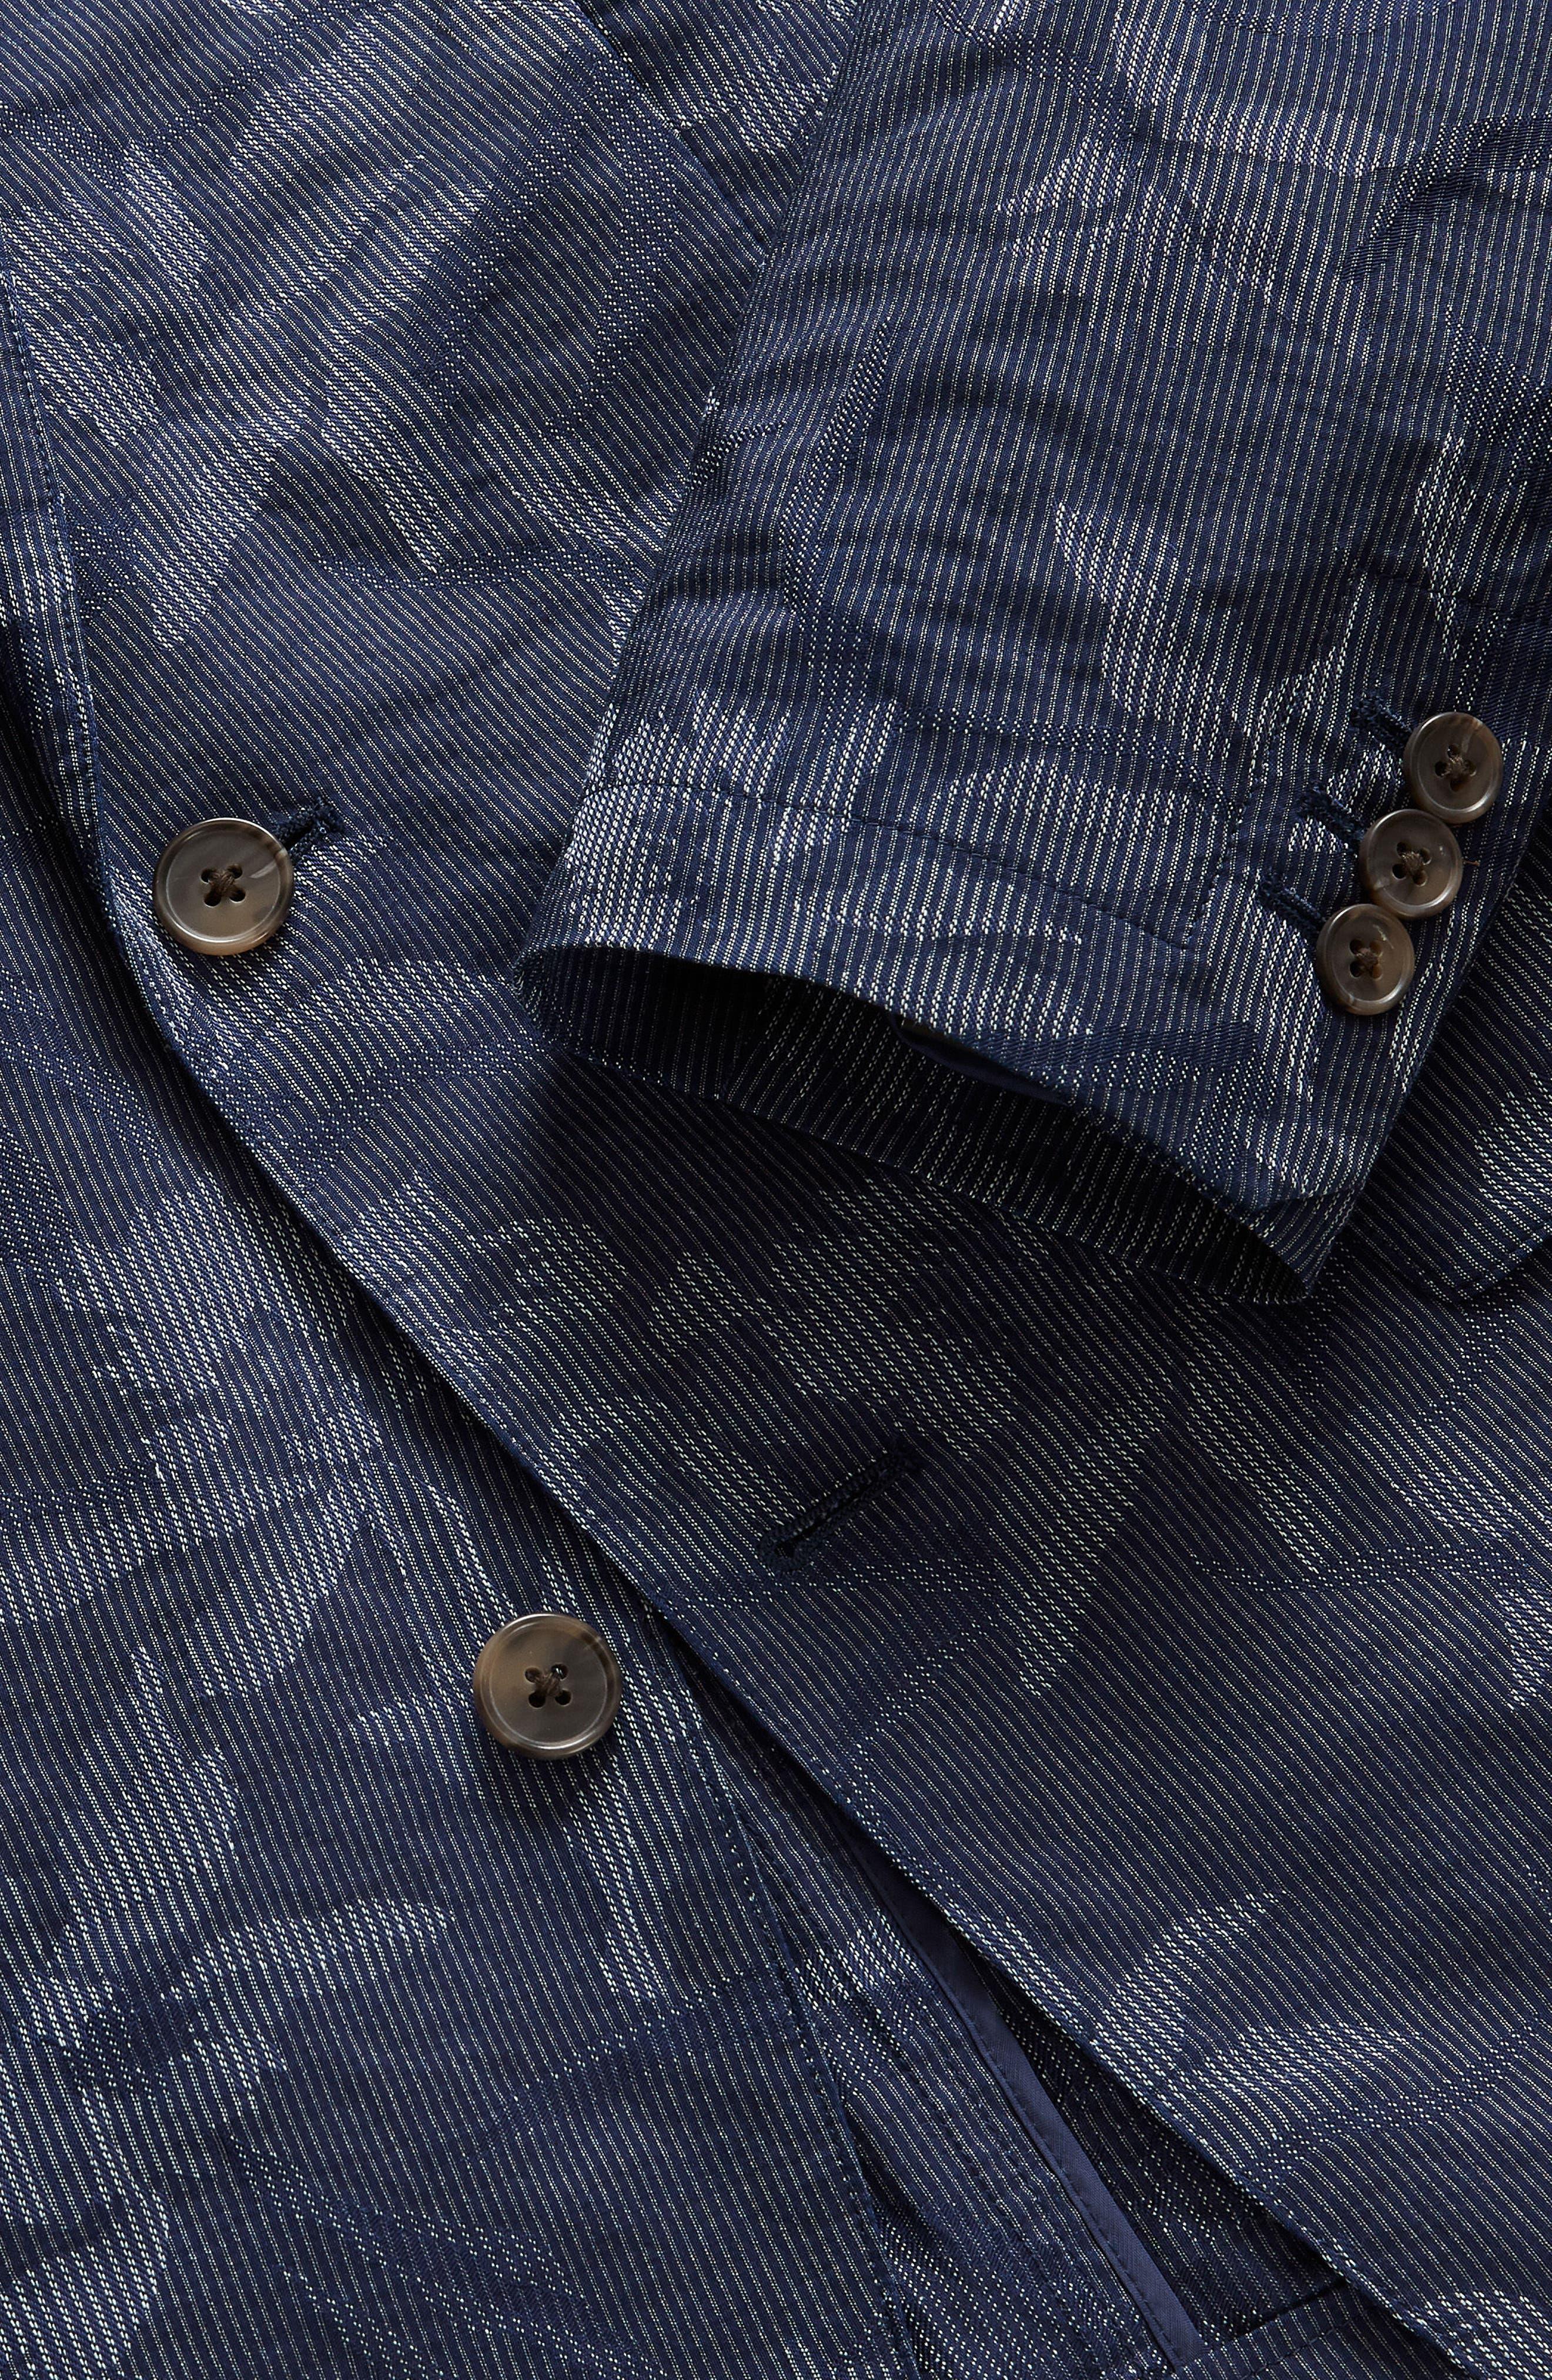 Slim Fit Floral Cotton Blend Sport Coat,                             Alternate thumbnail 4, color,                             420